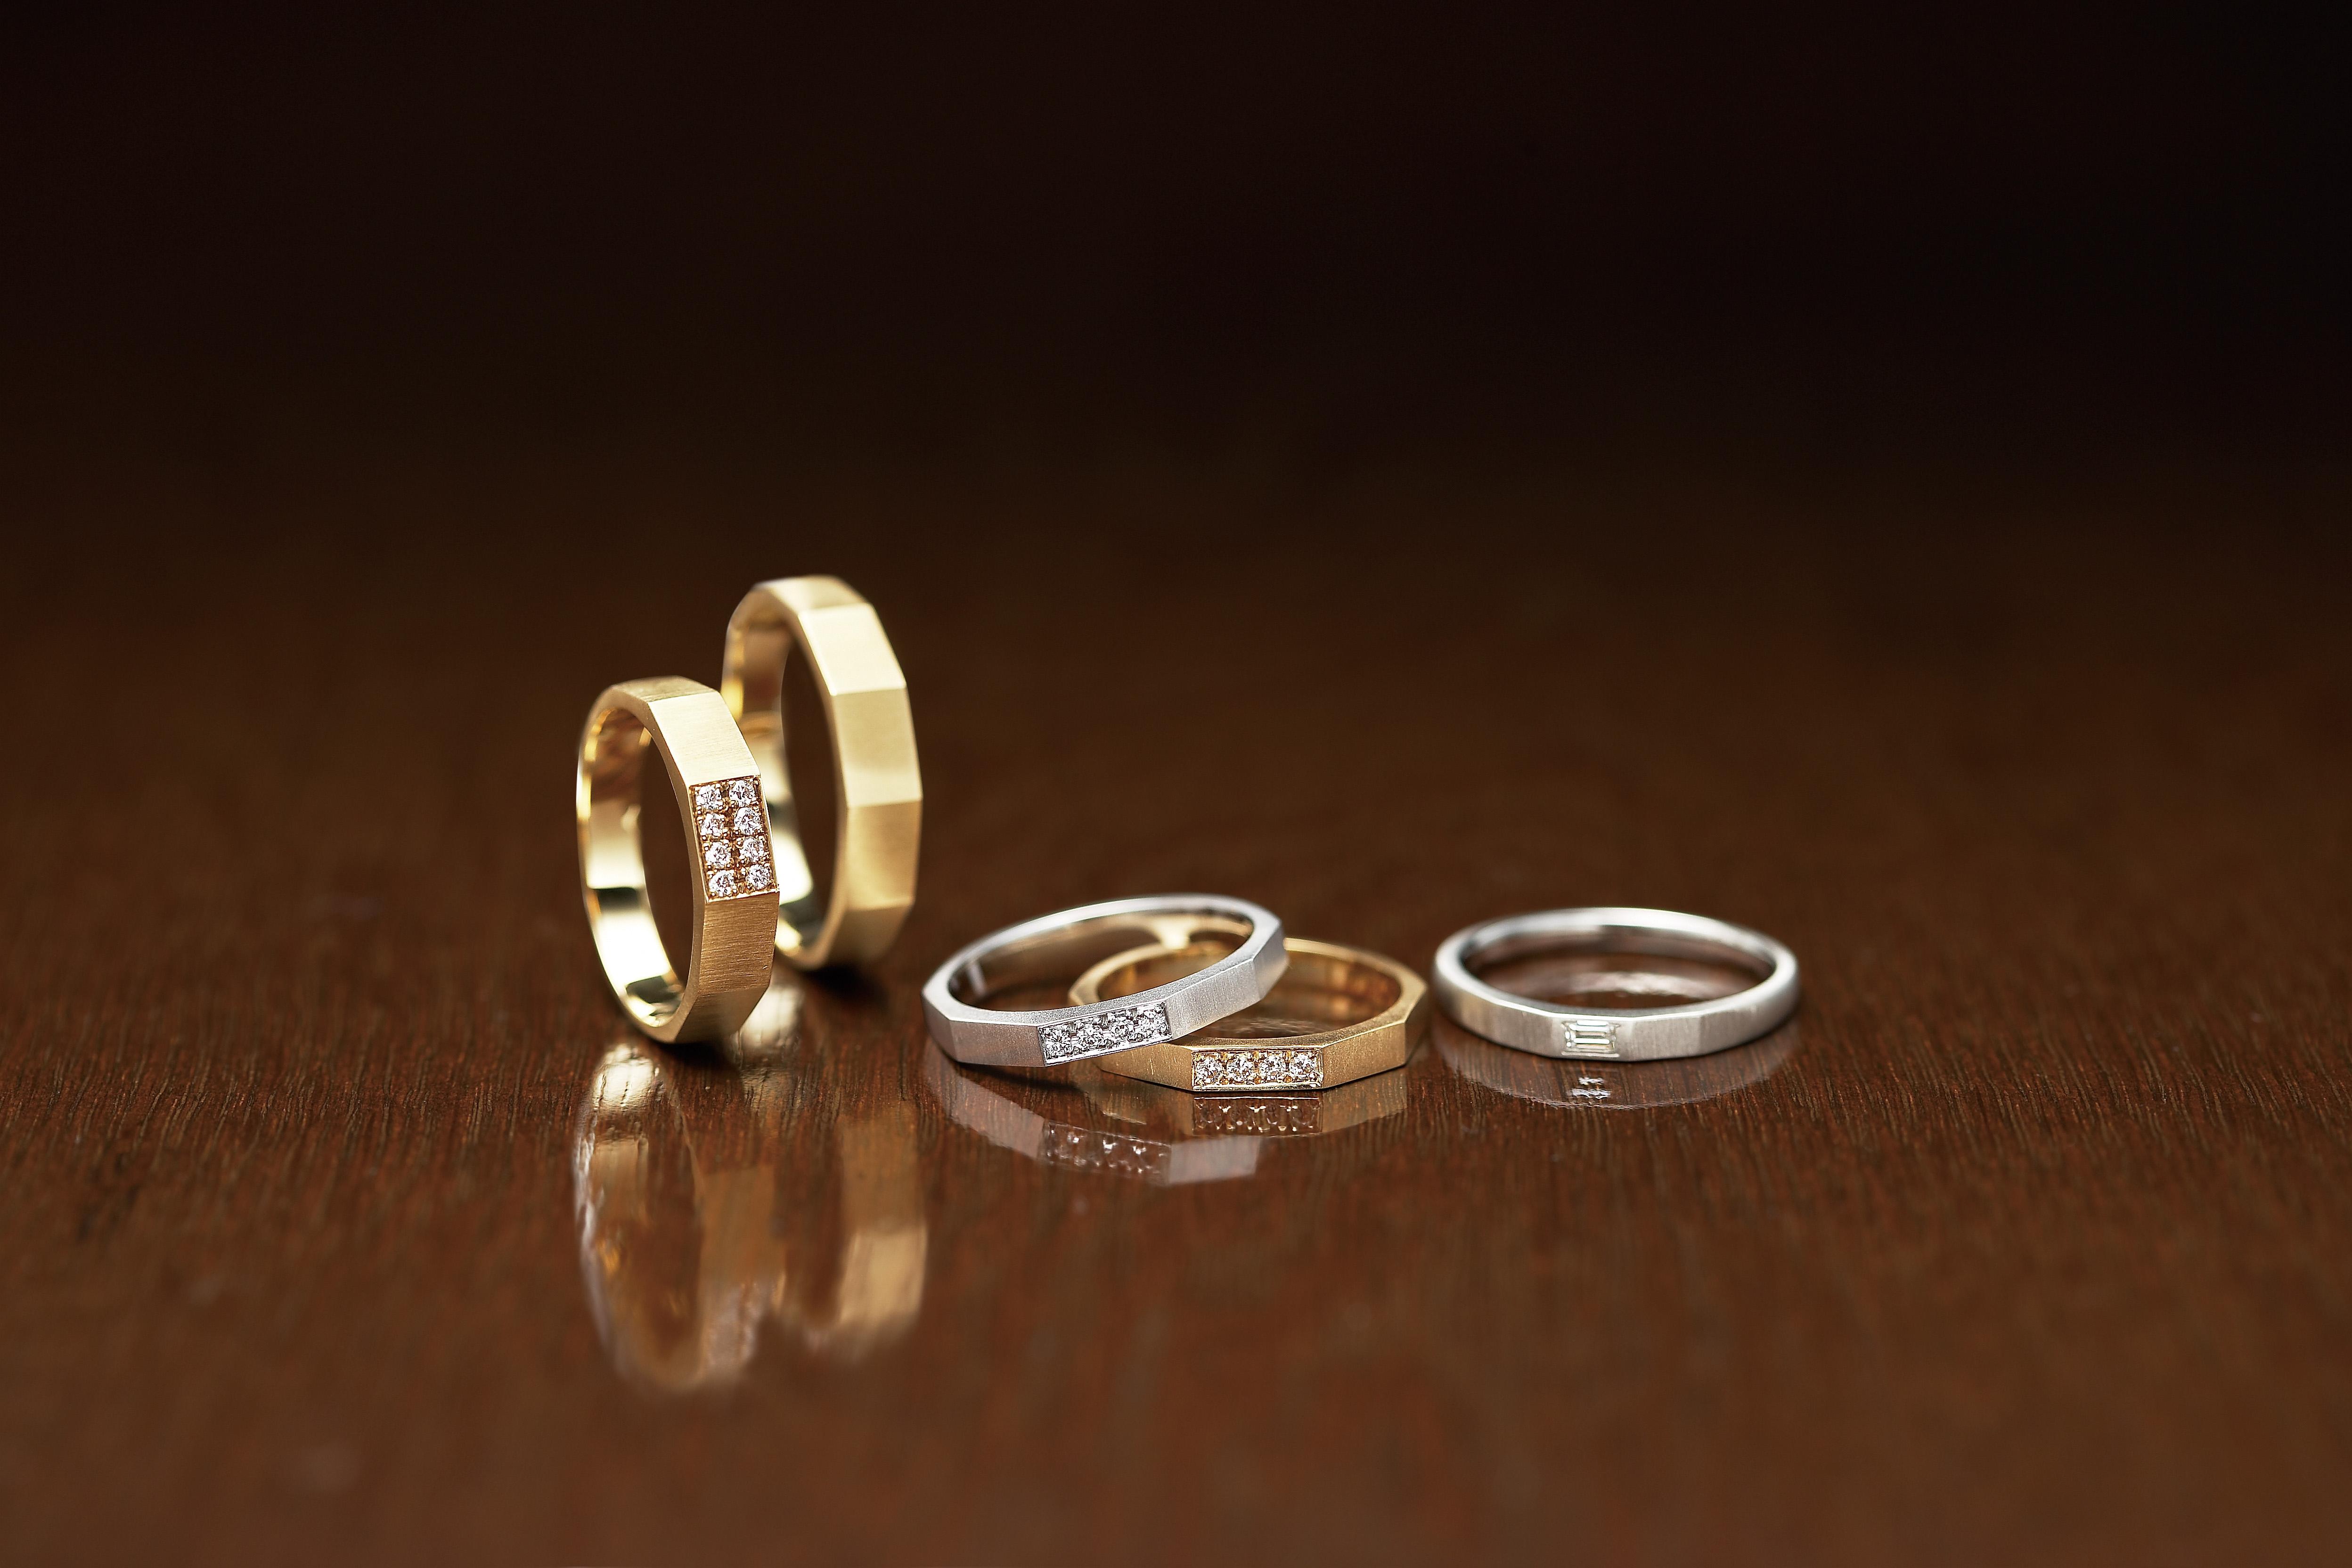 オレッキオ結婚指輪芸能人